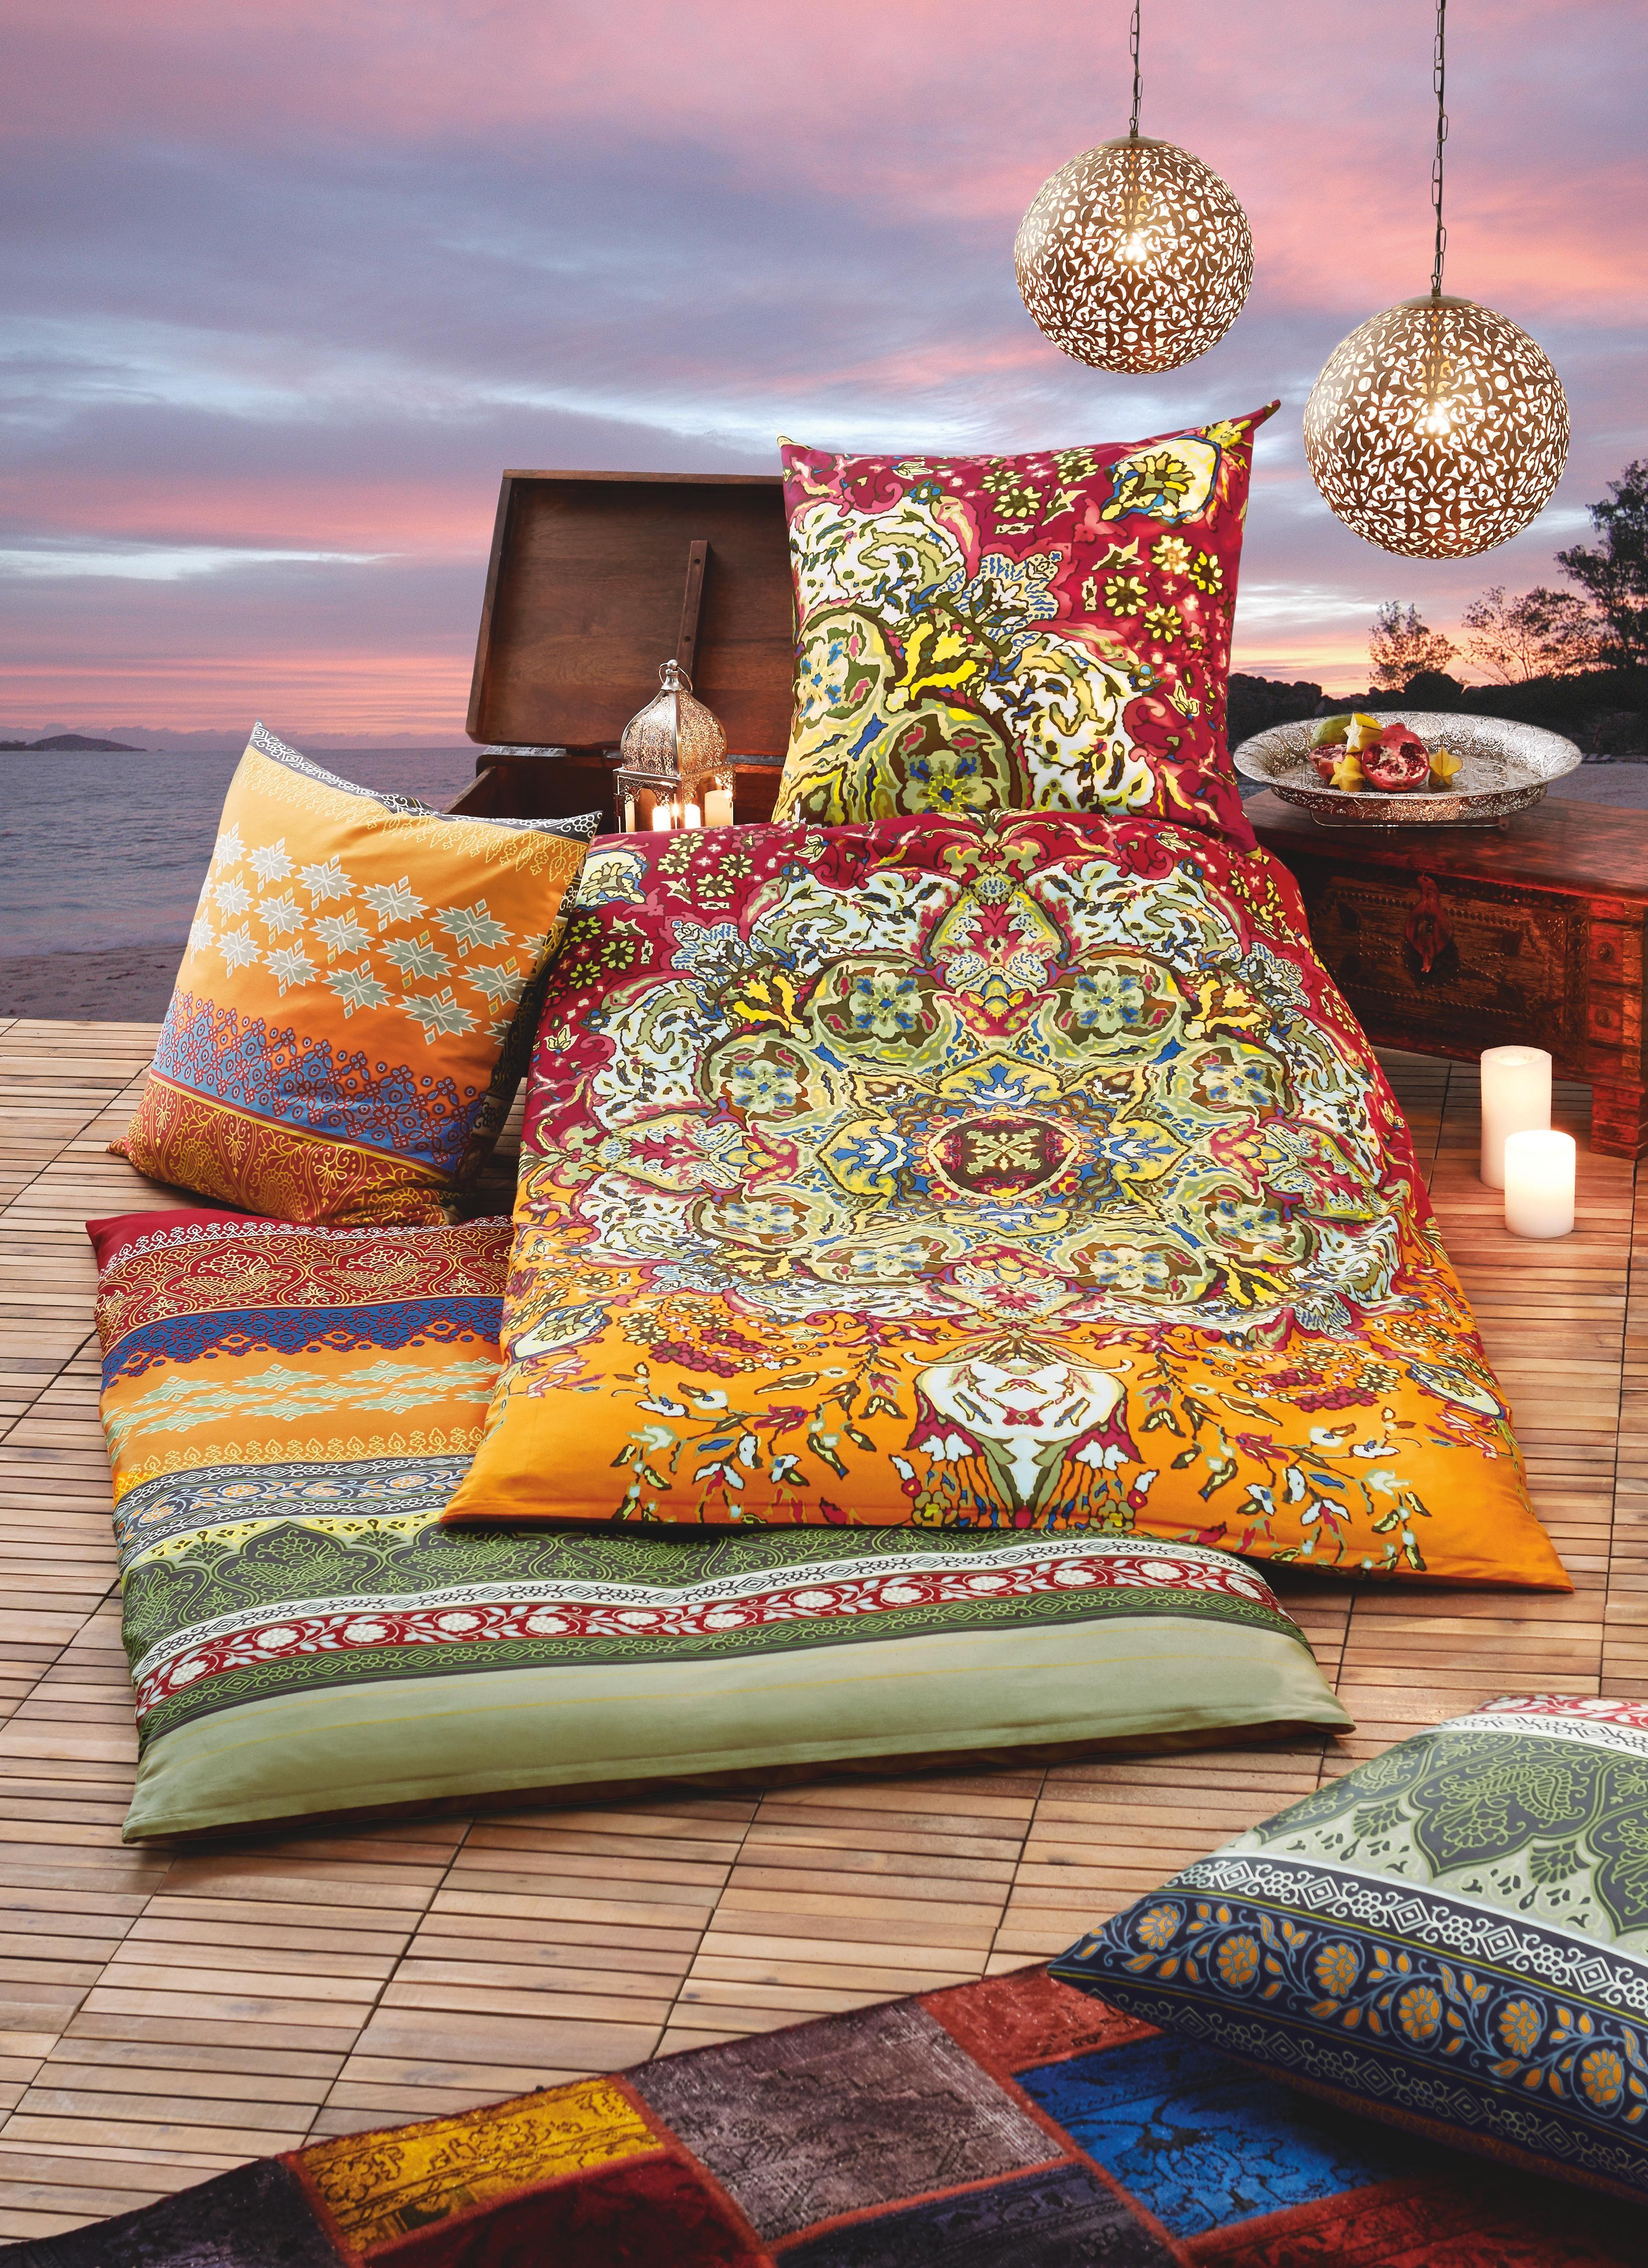 2610e63a826ec121aae25b198a04e795 Wunderschöne Arabische Deko Wohnzimmer orientalisch Einrichten Dekorationen